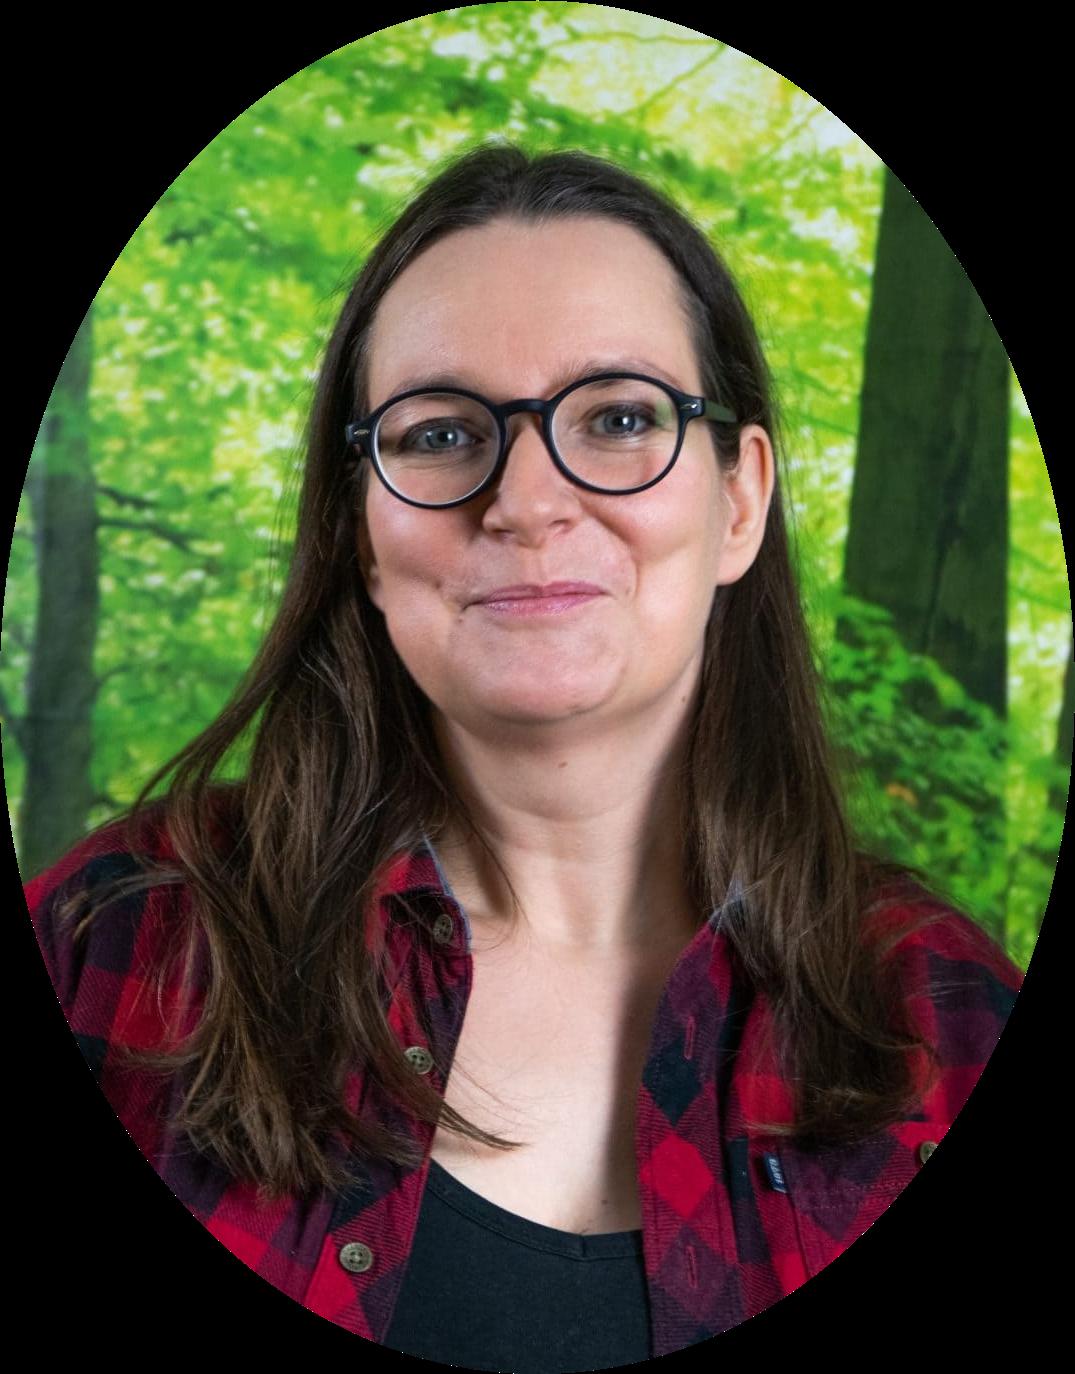 Nadine Heßler, Tierheilpraxis Oberhessen, Dorn-Osteopathie-Therapeutin, Tierheilpraktikerin, Ernährungsberaterin